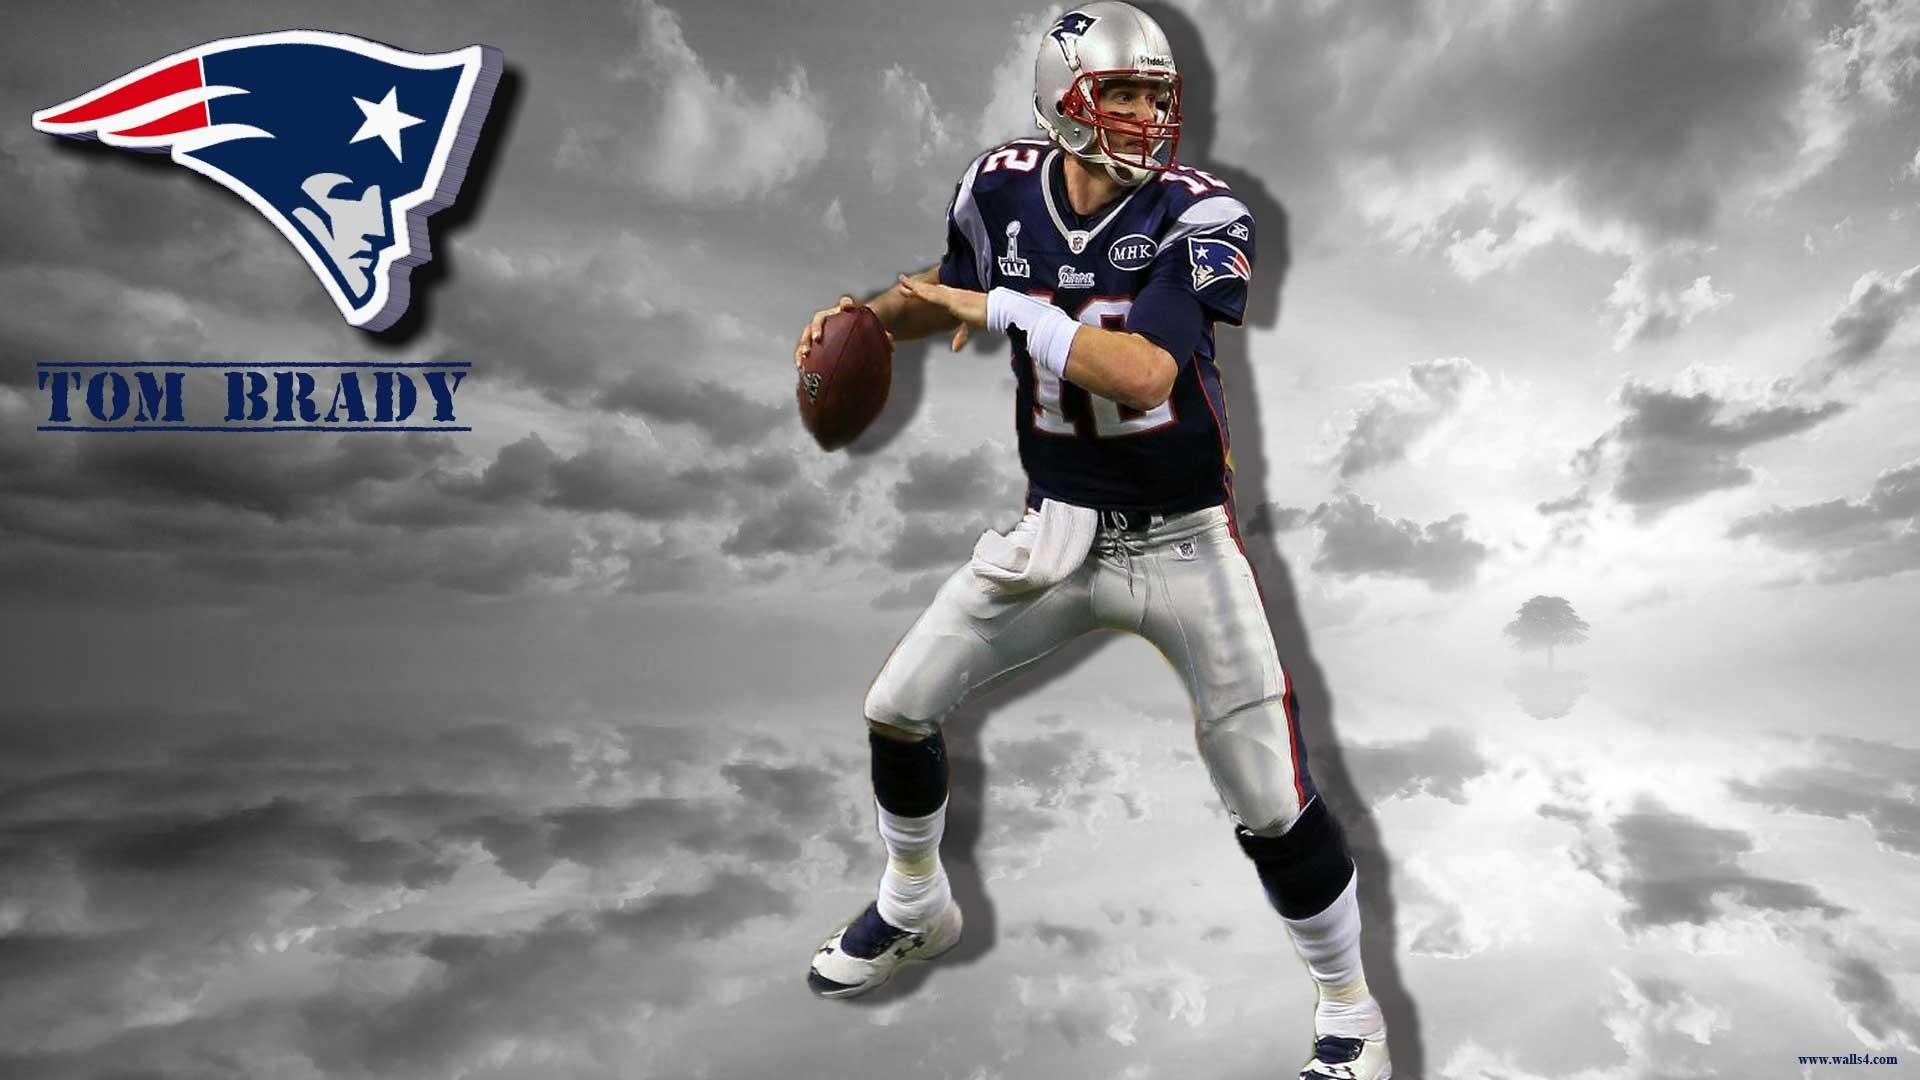 Tom Brady hd desktop wallpaper